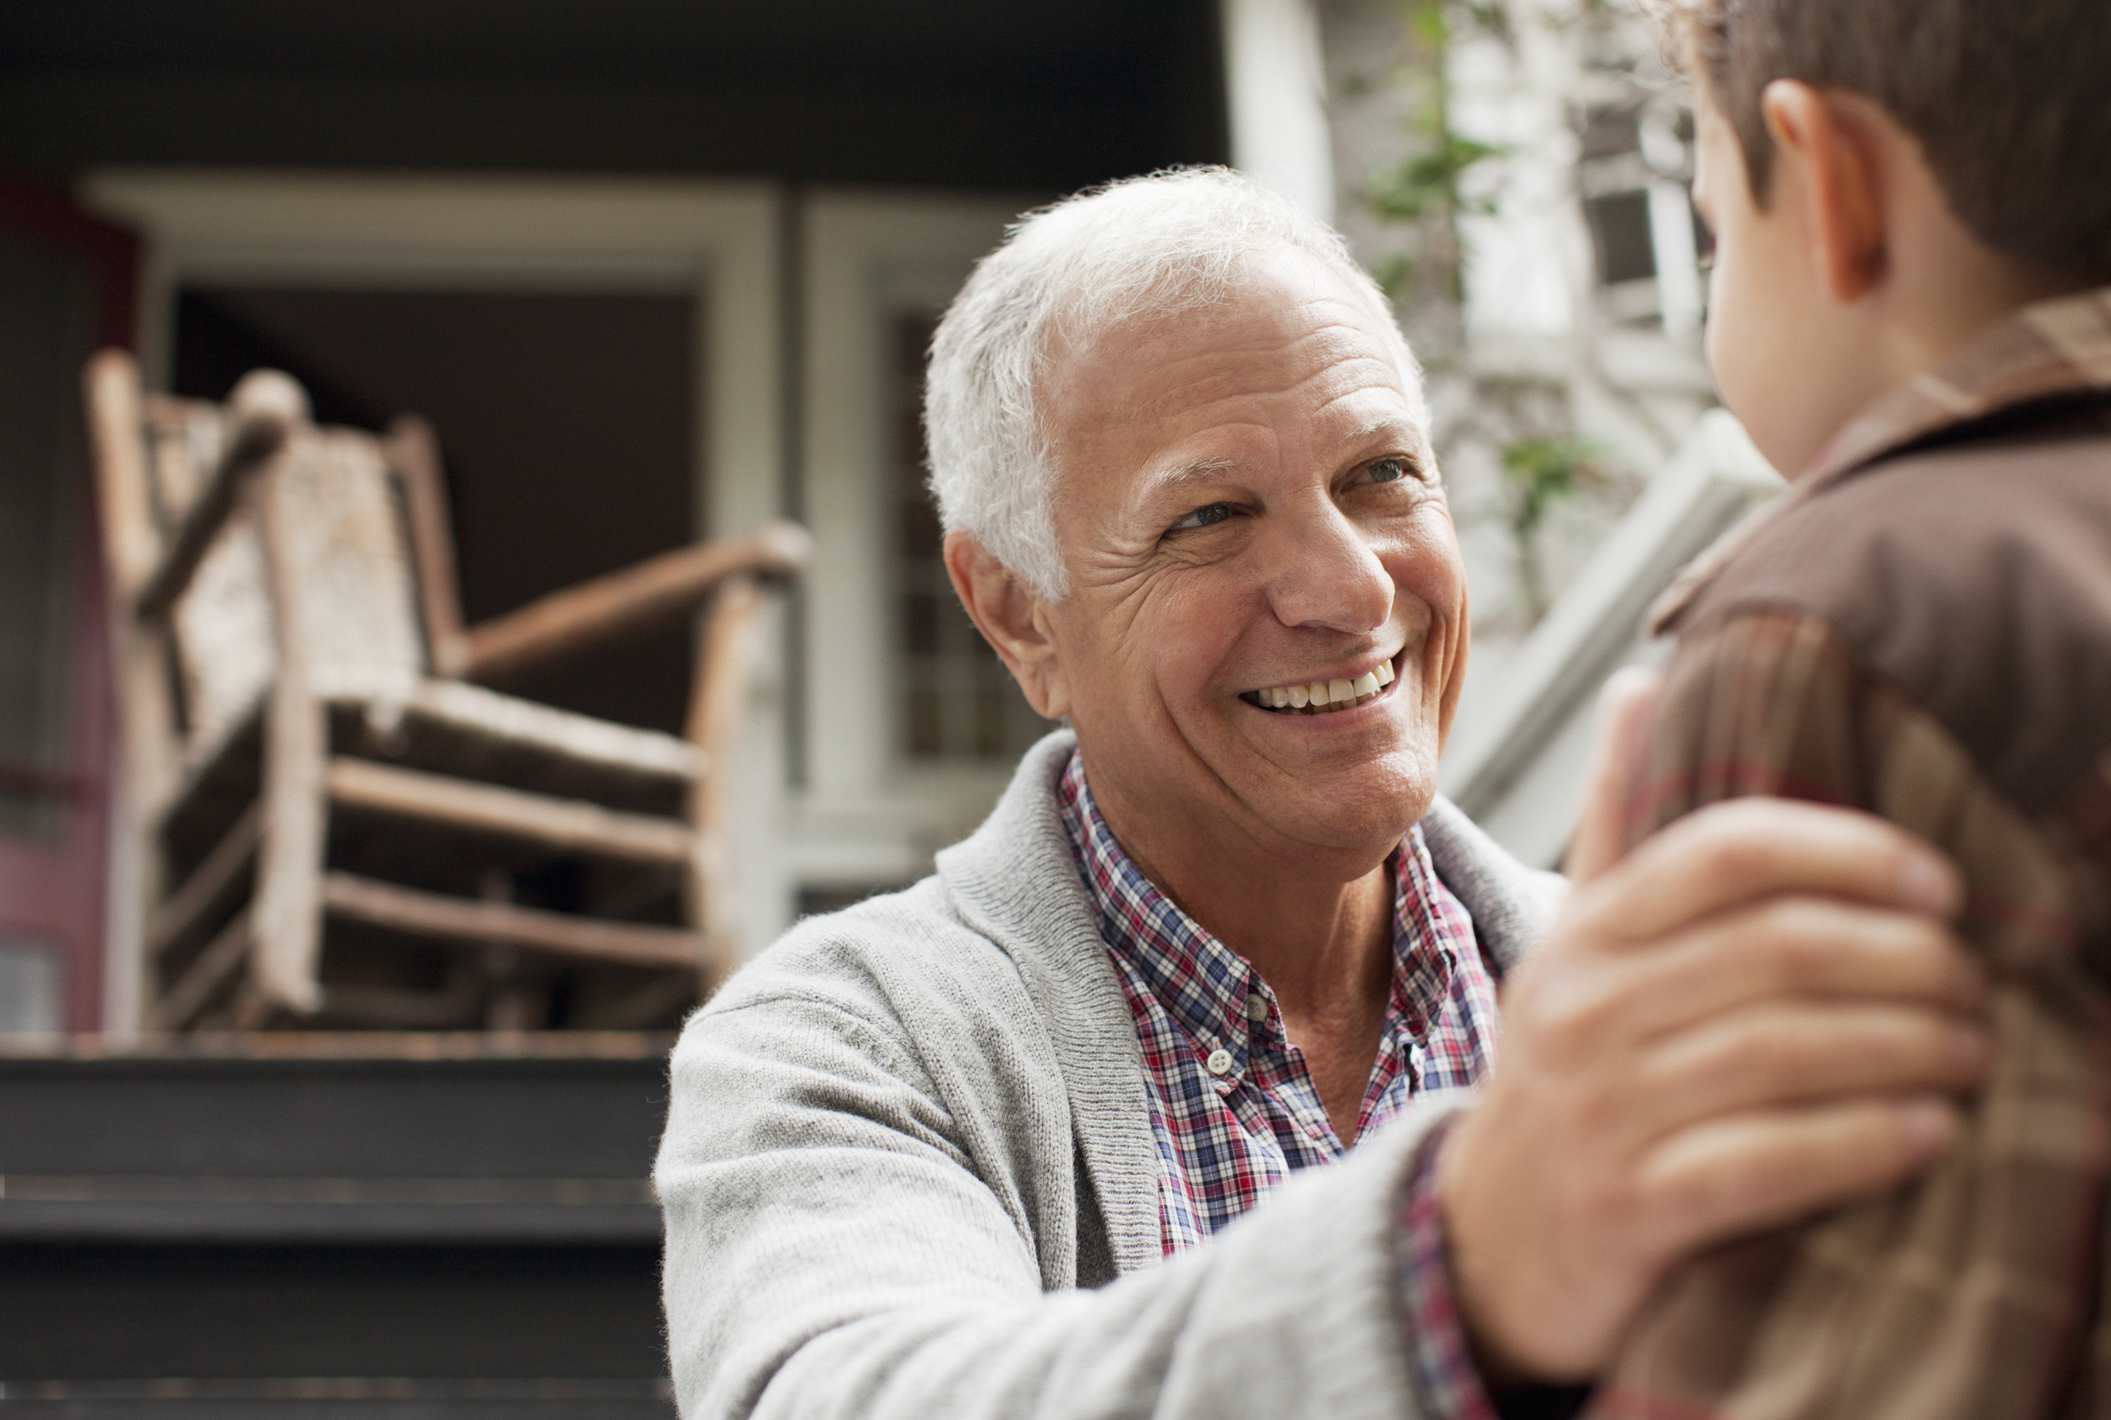 Older man embracing young boy's shoulder smiling